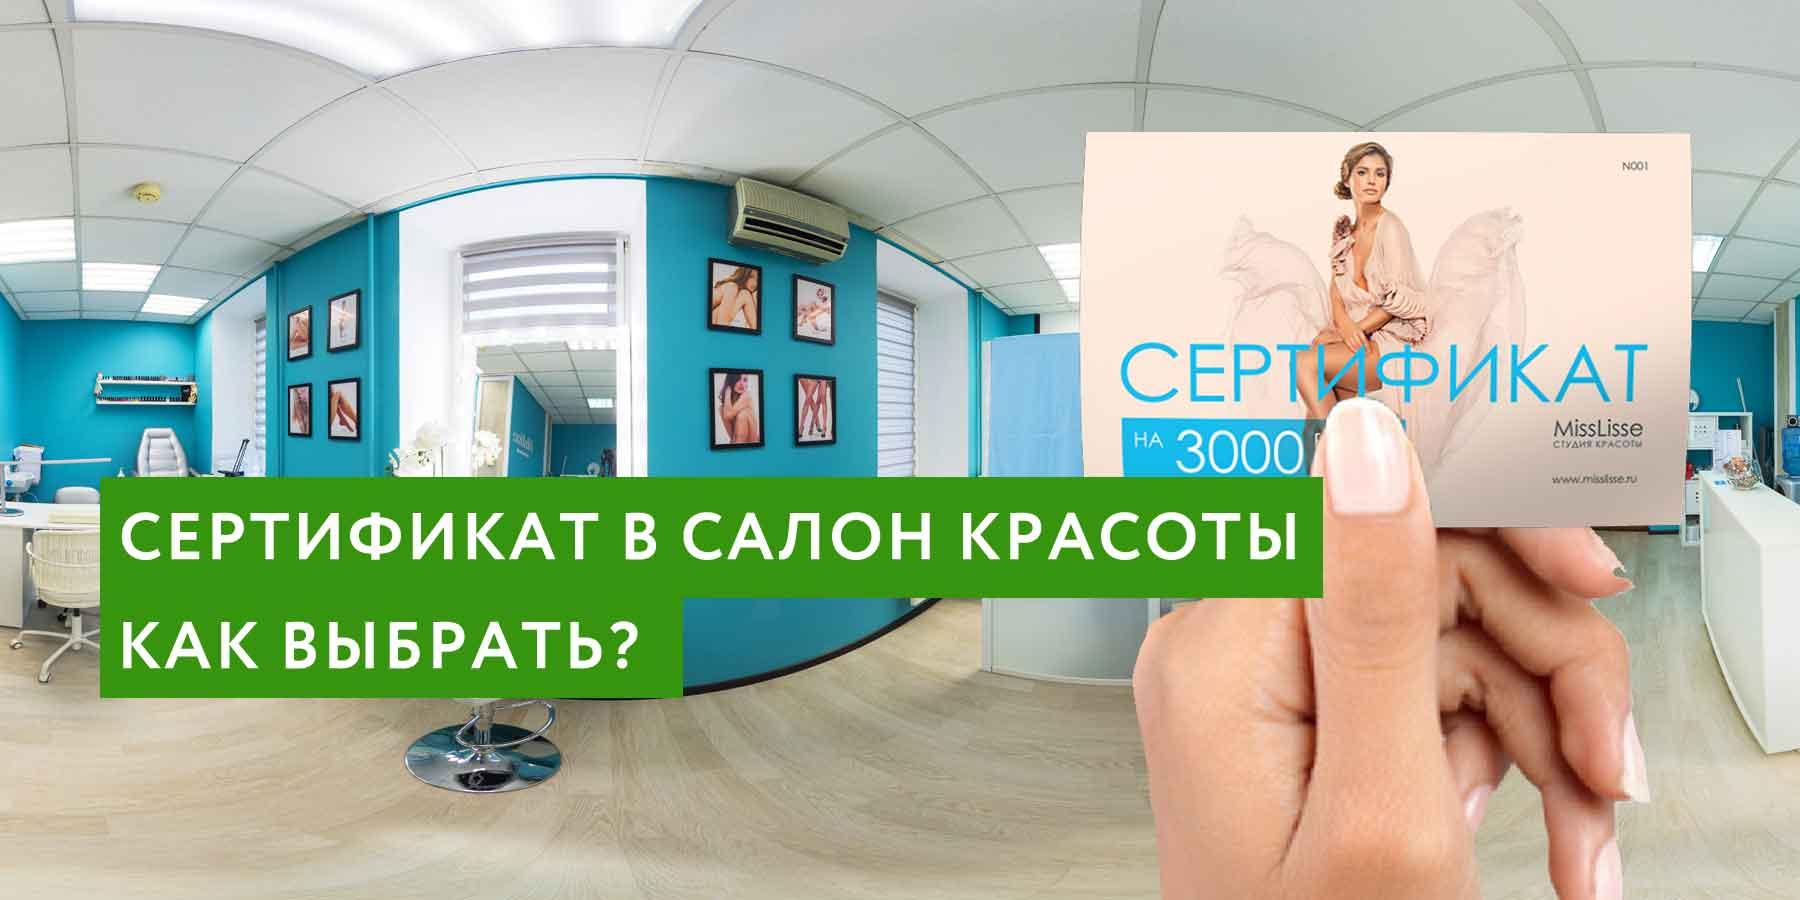 Сертификат в салон красоты: как выбрать?